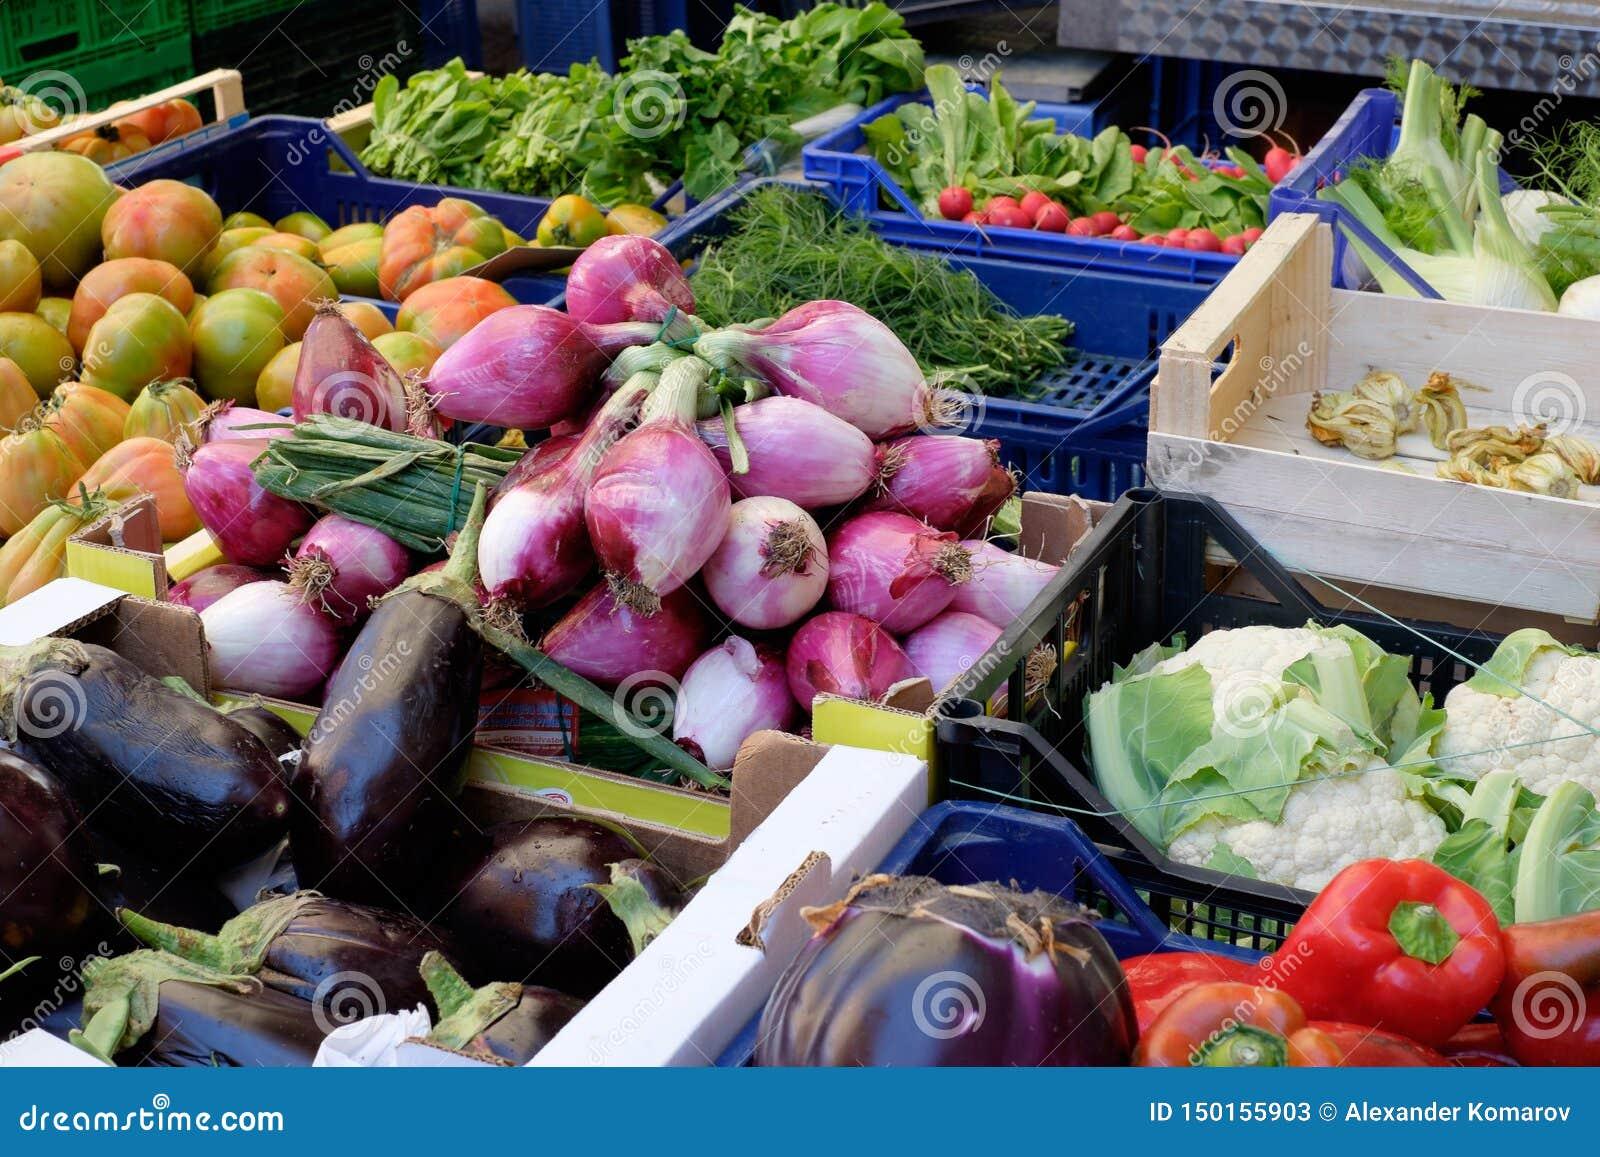 Groenten op een markt van de straatkruidenierswinkel in de lente in Italië